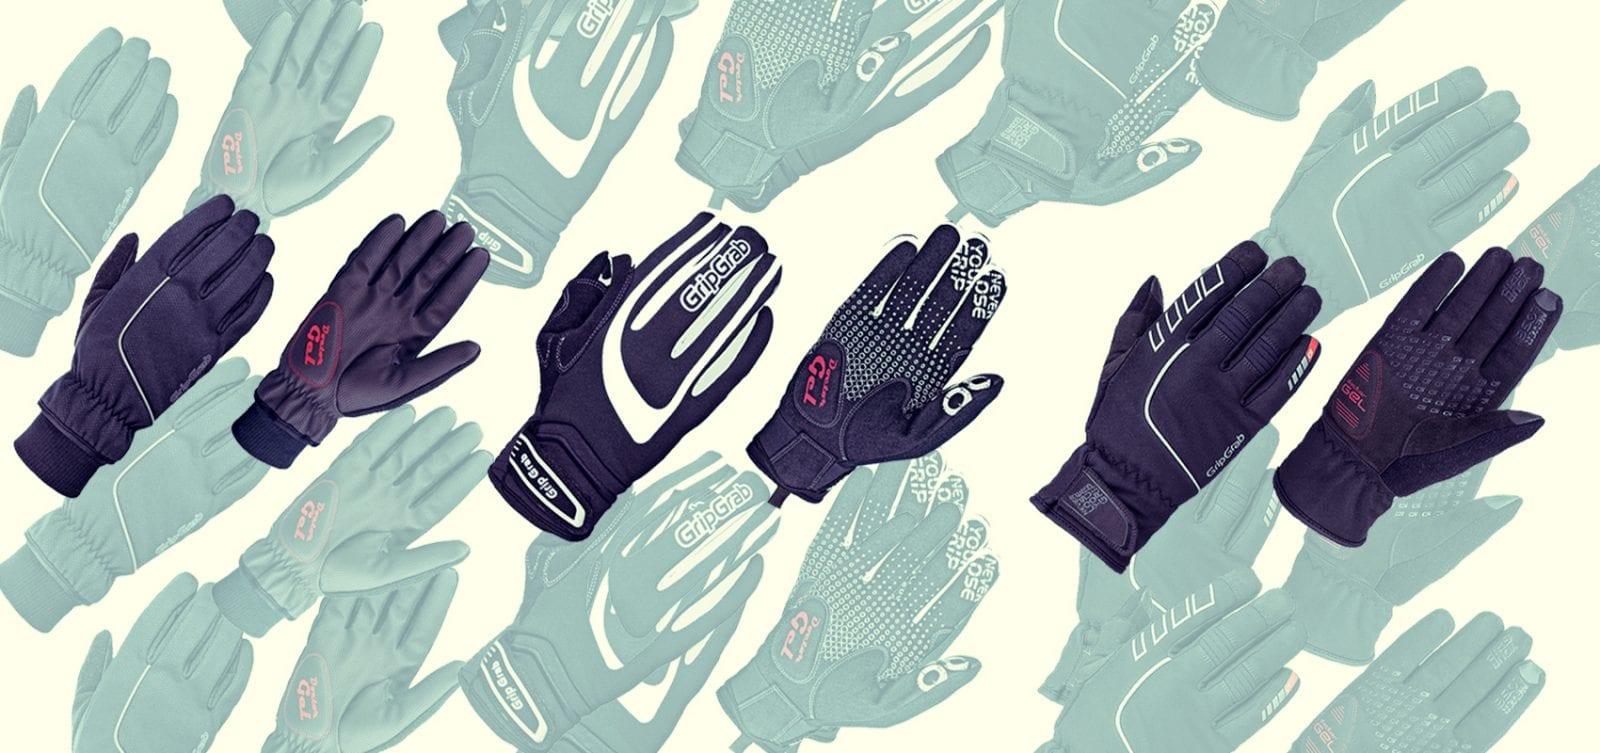 Grip Grab vinter handsker testet ©AltomCykling.dk 2015